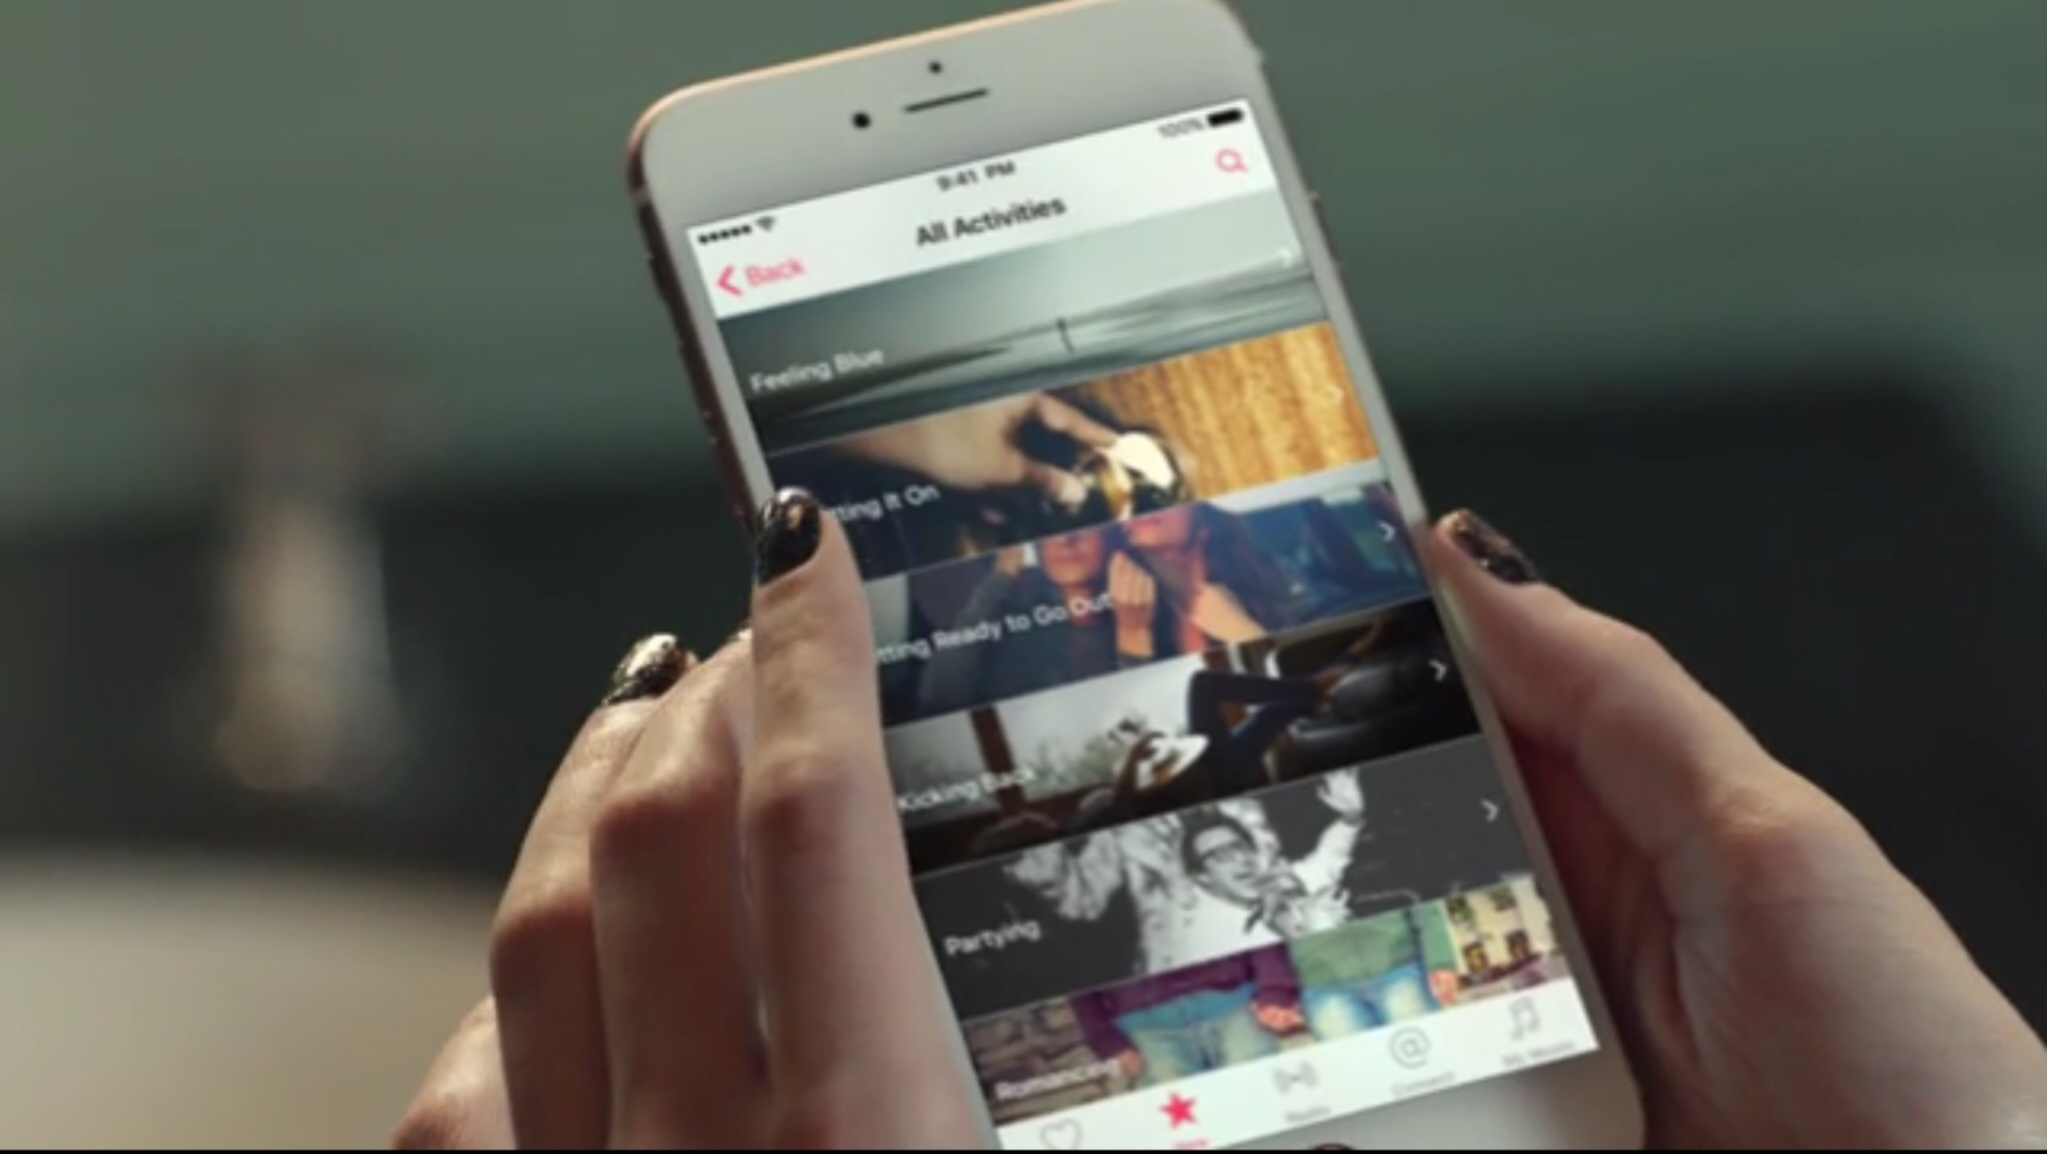 Taylor Swift Apple Music Ad